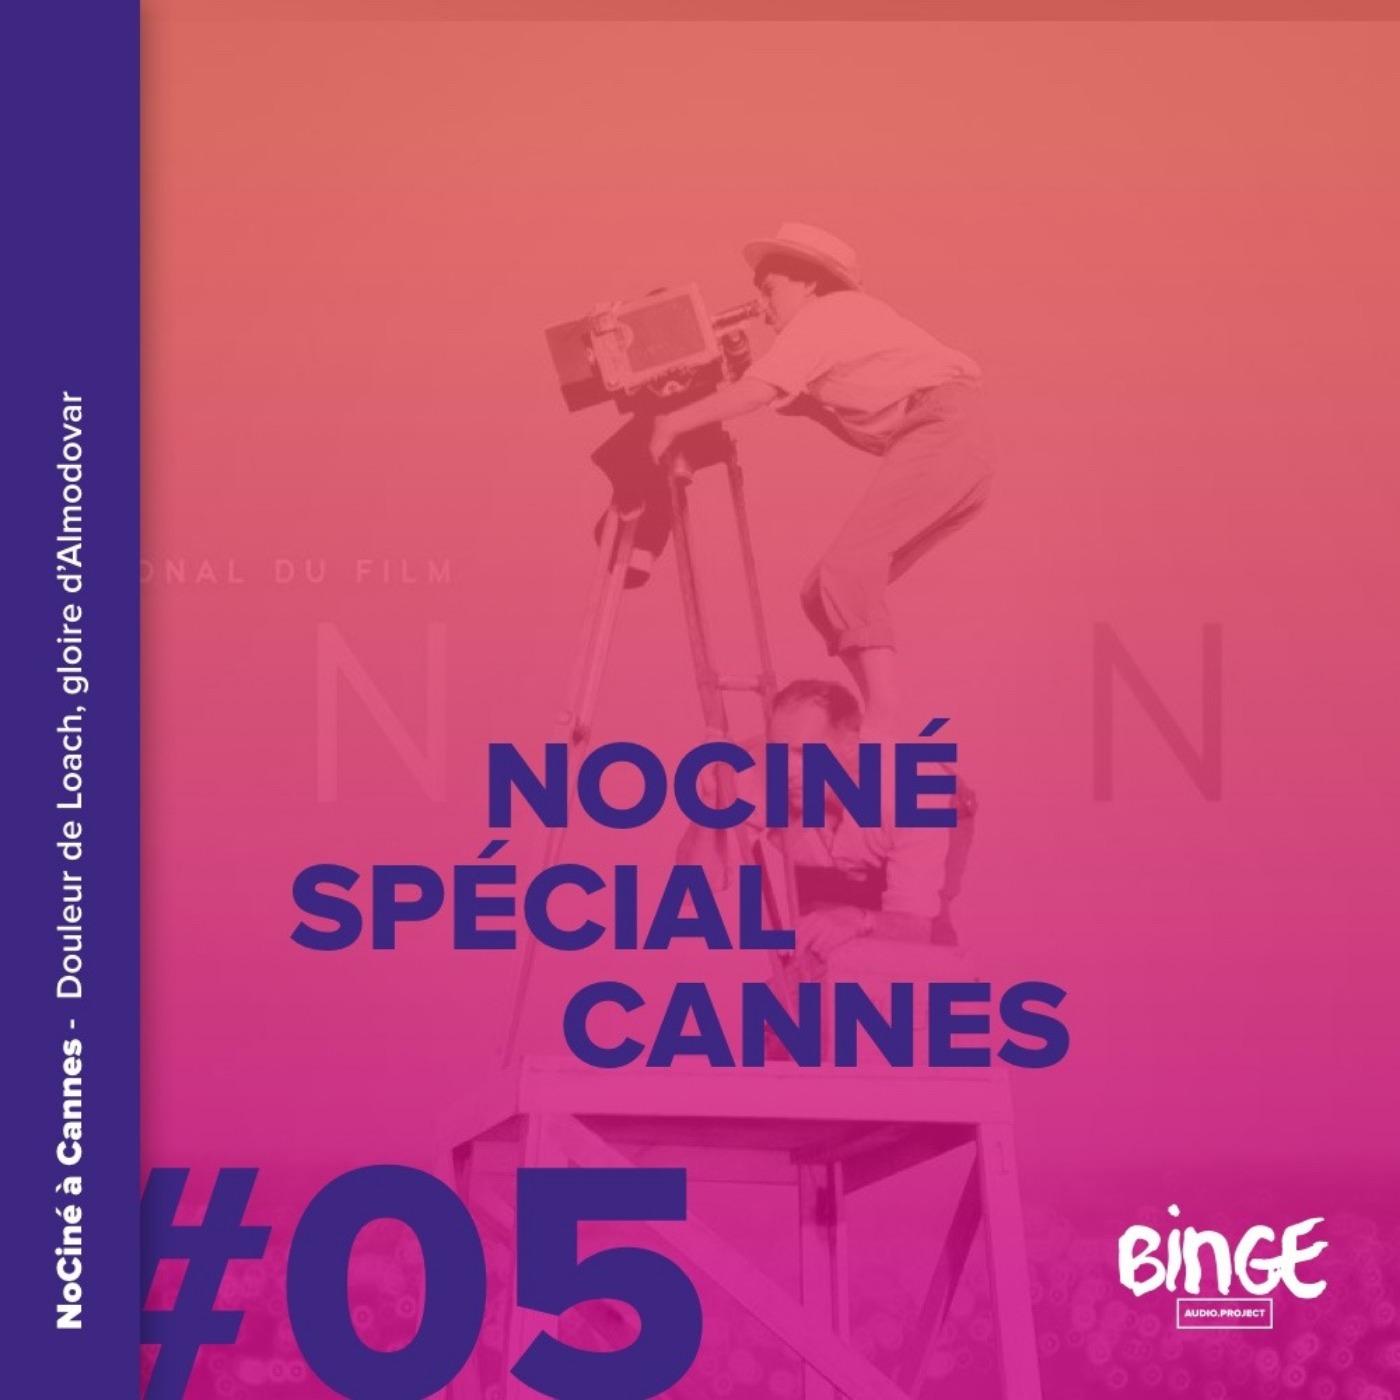 Cannes - Tarantino et Bong Joon-Ho, esthétiques de la violence